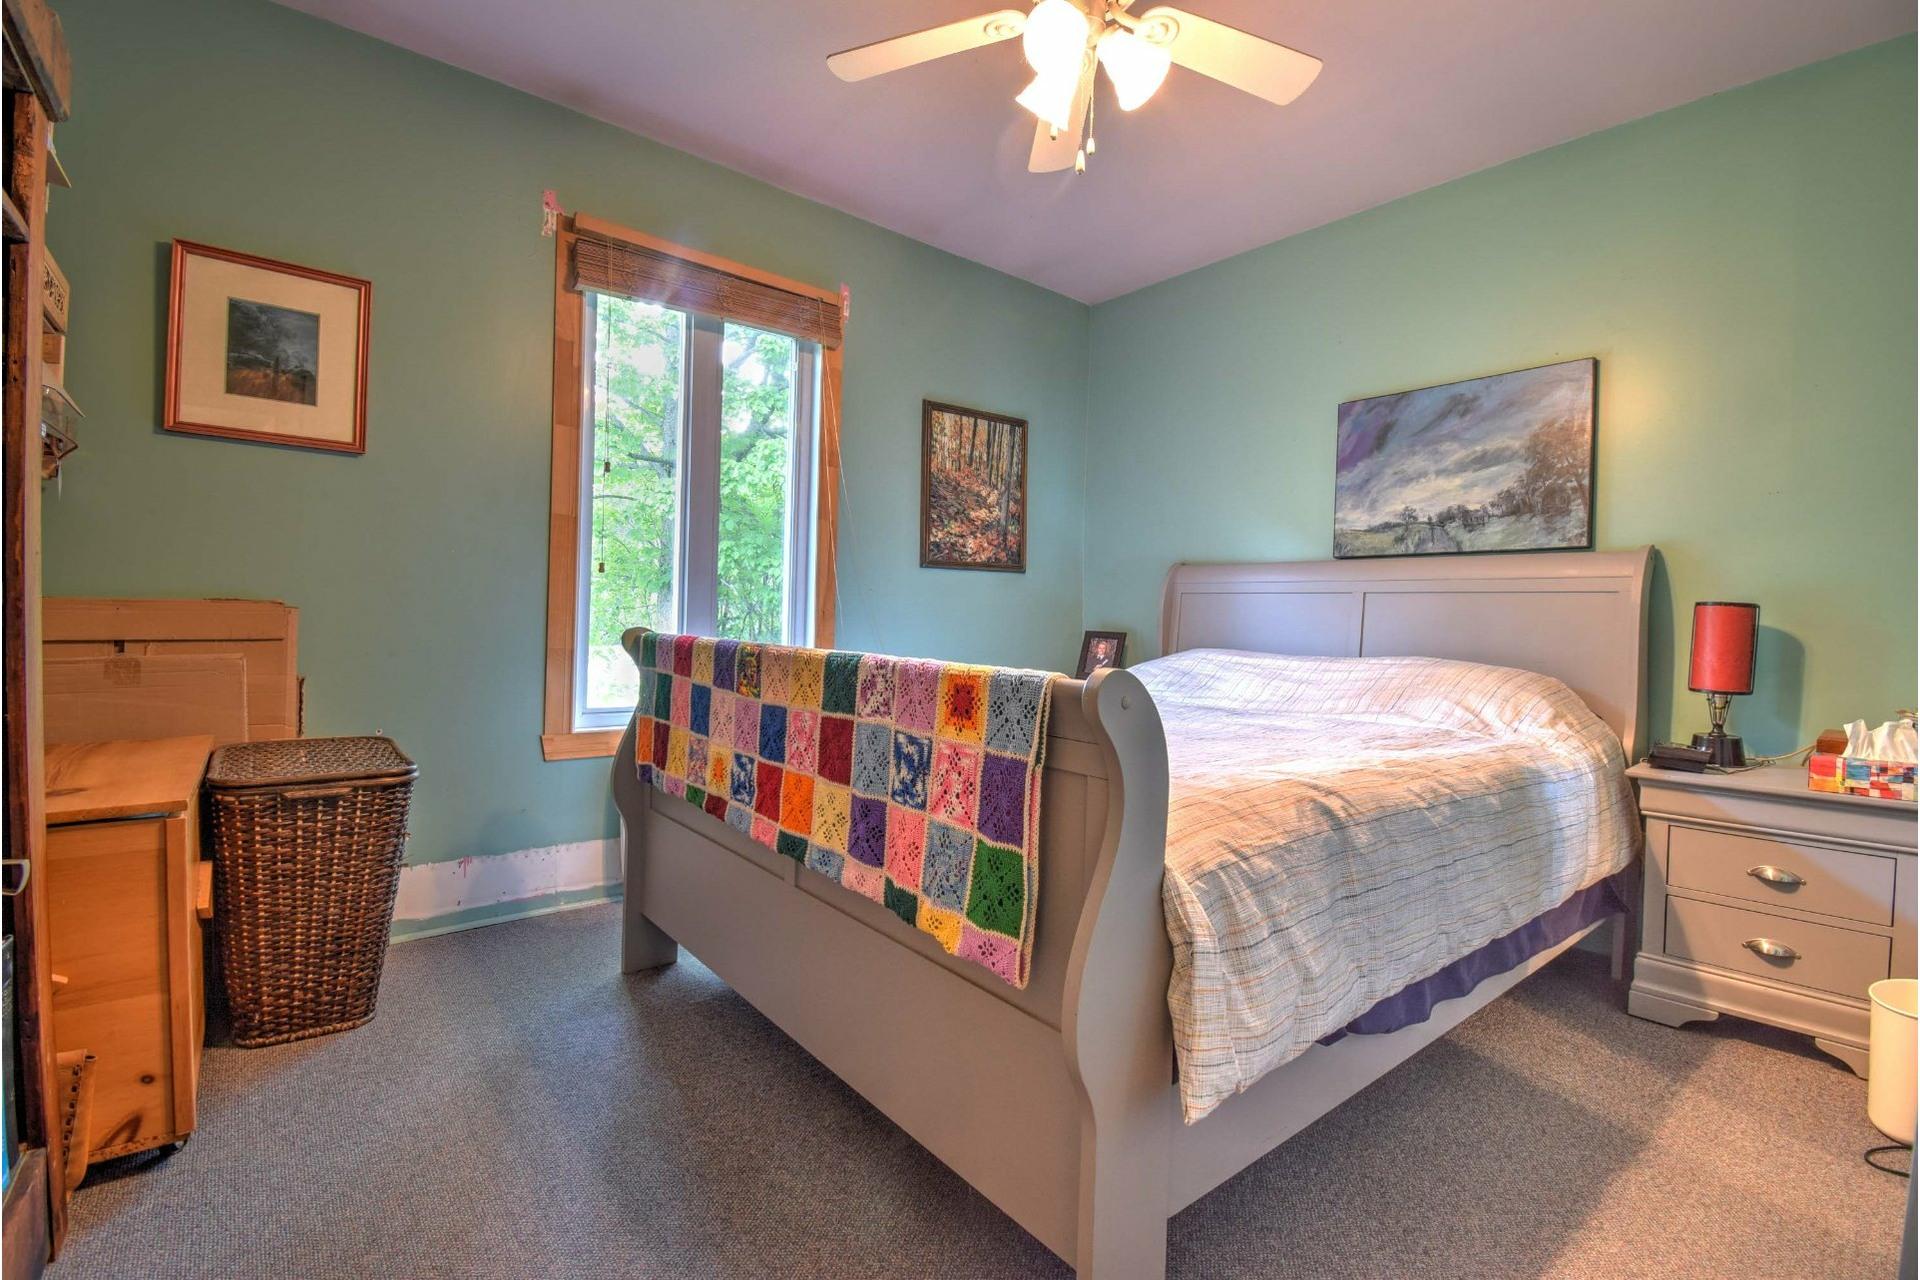 image 7 - Maison À vendre Trois-Rivières - 11 pièces